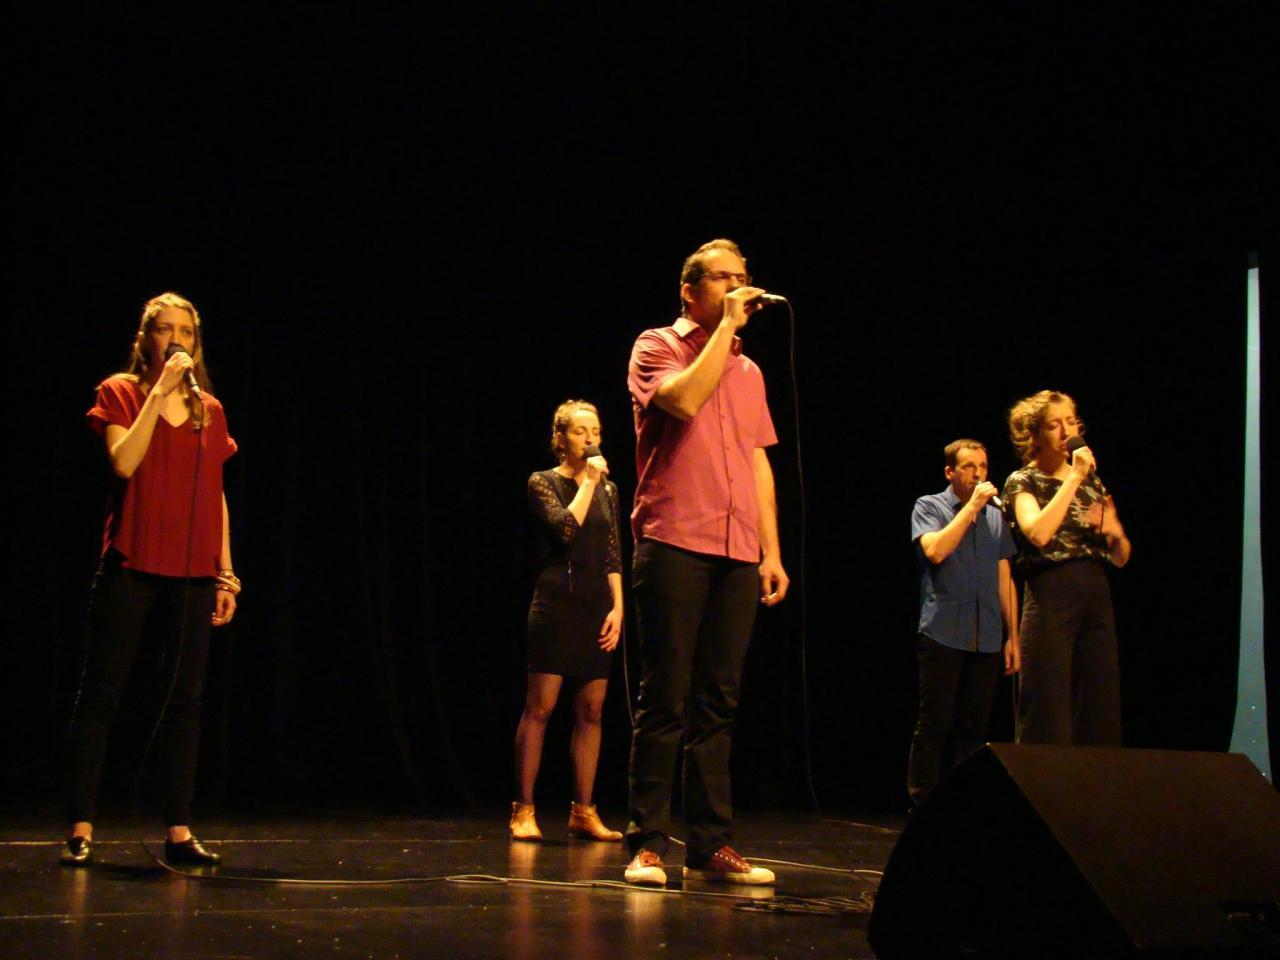 Les Sparkling voices